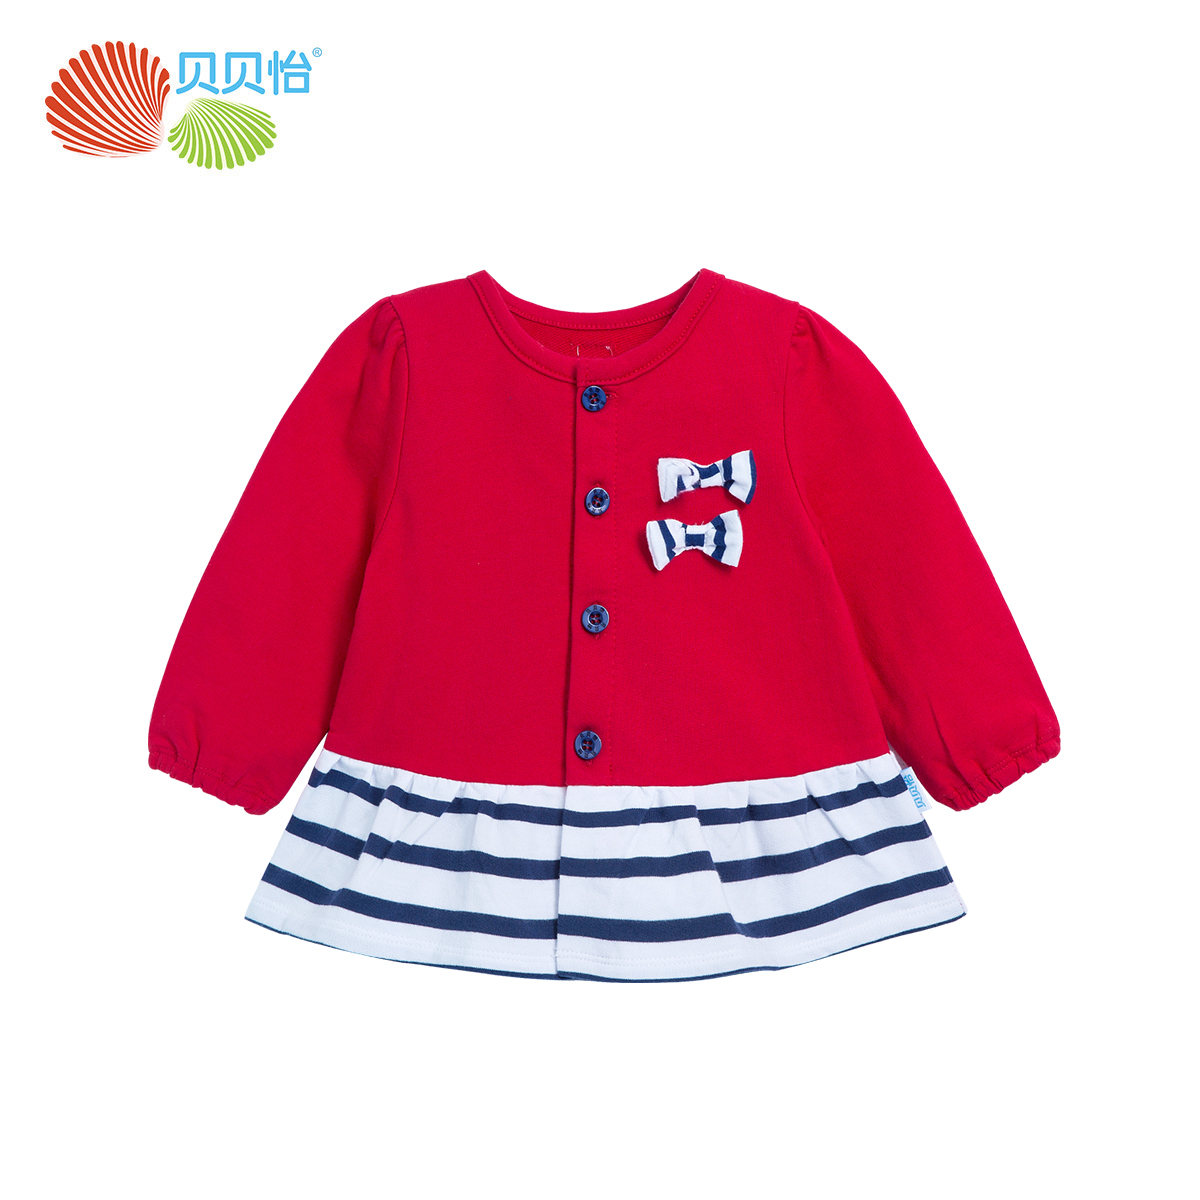 贝贝怡女童上衣春秋长袖纯棉婴儿衣服前开扣宝宝卫衣外套